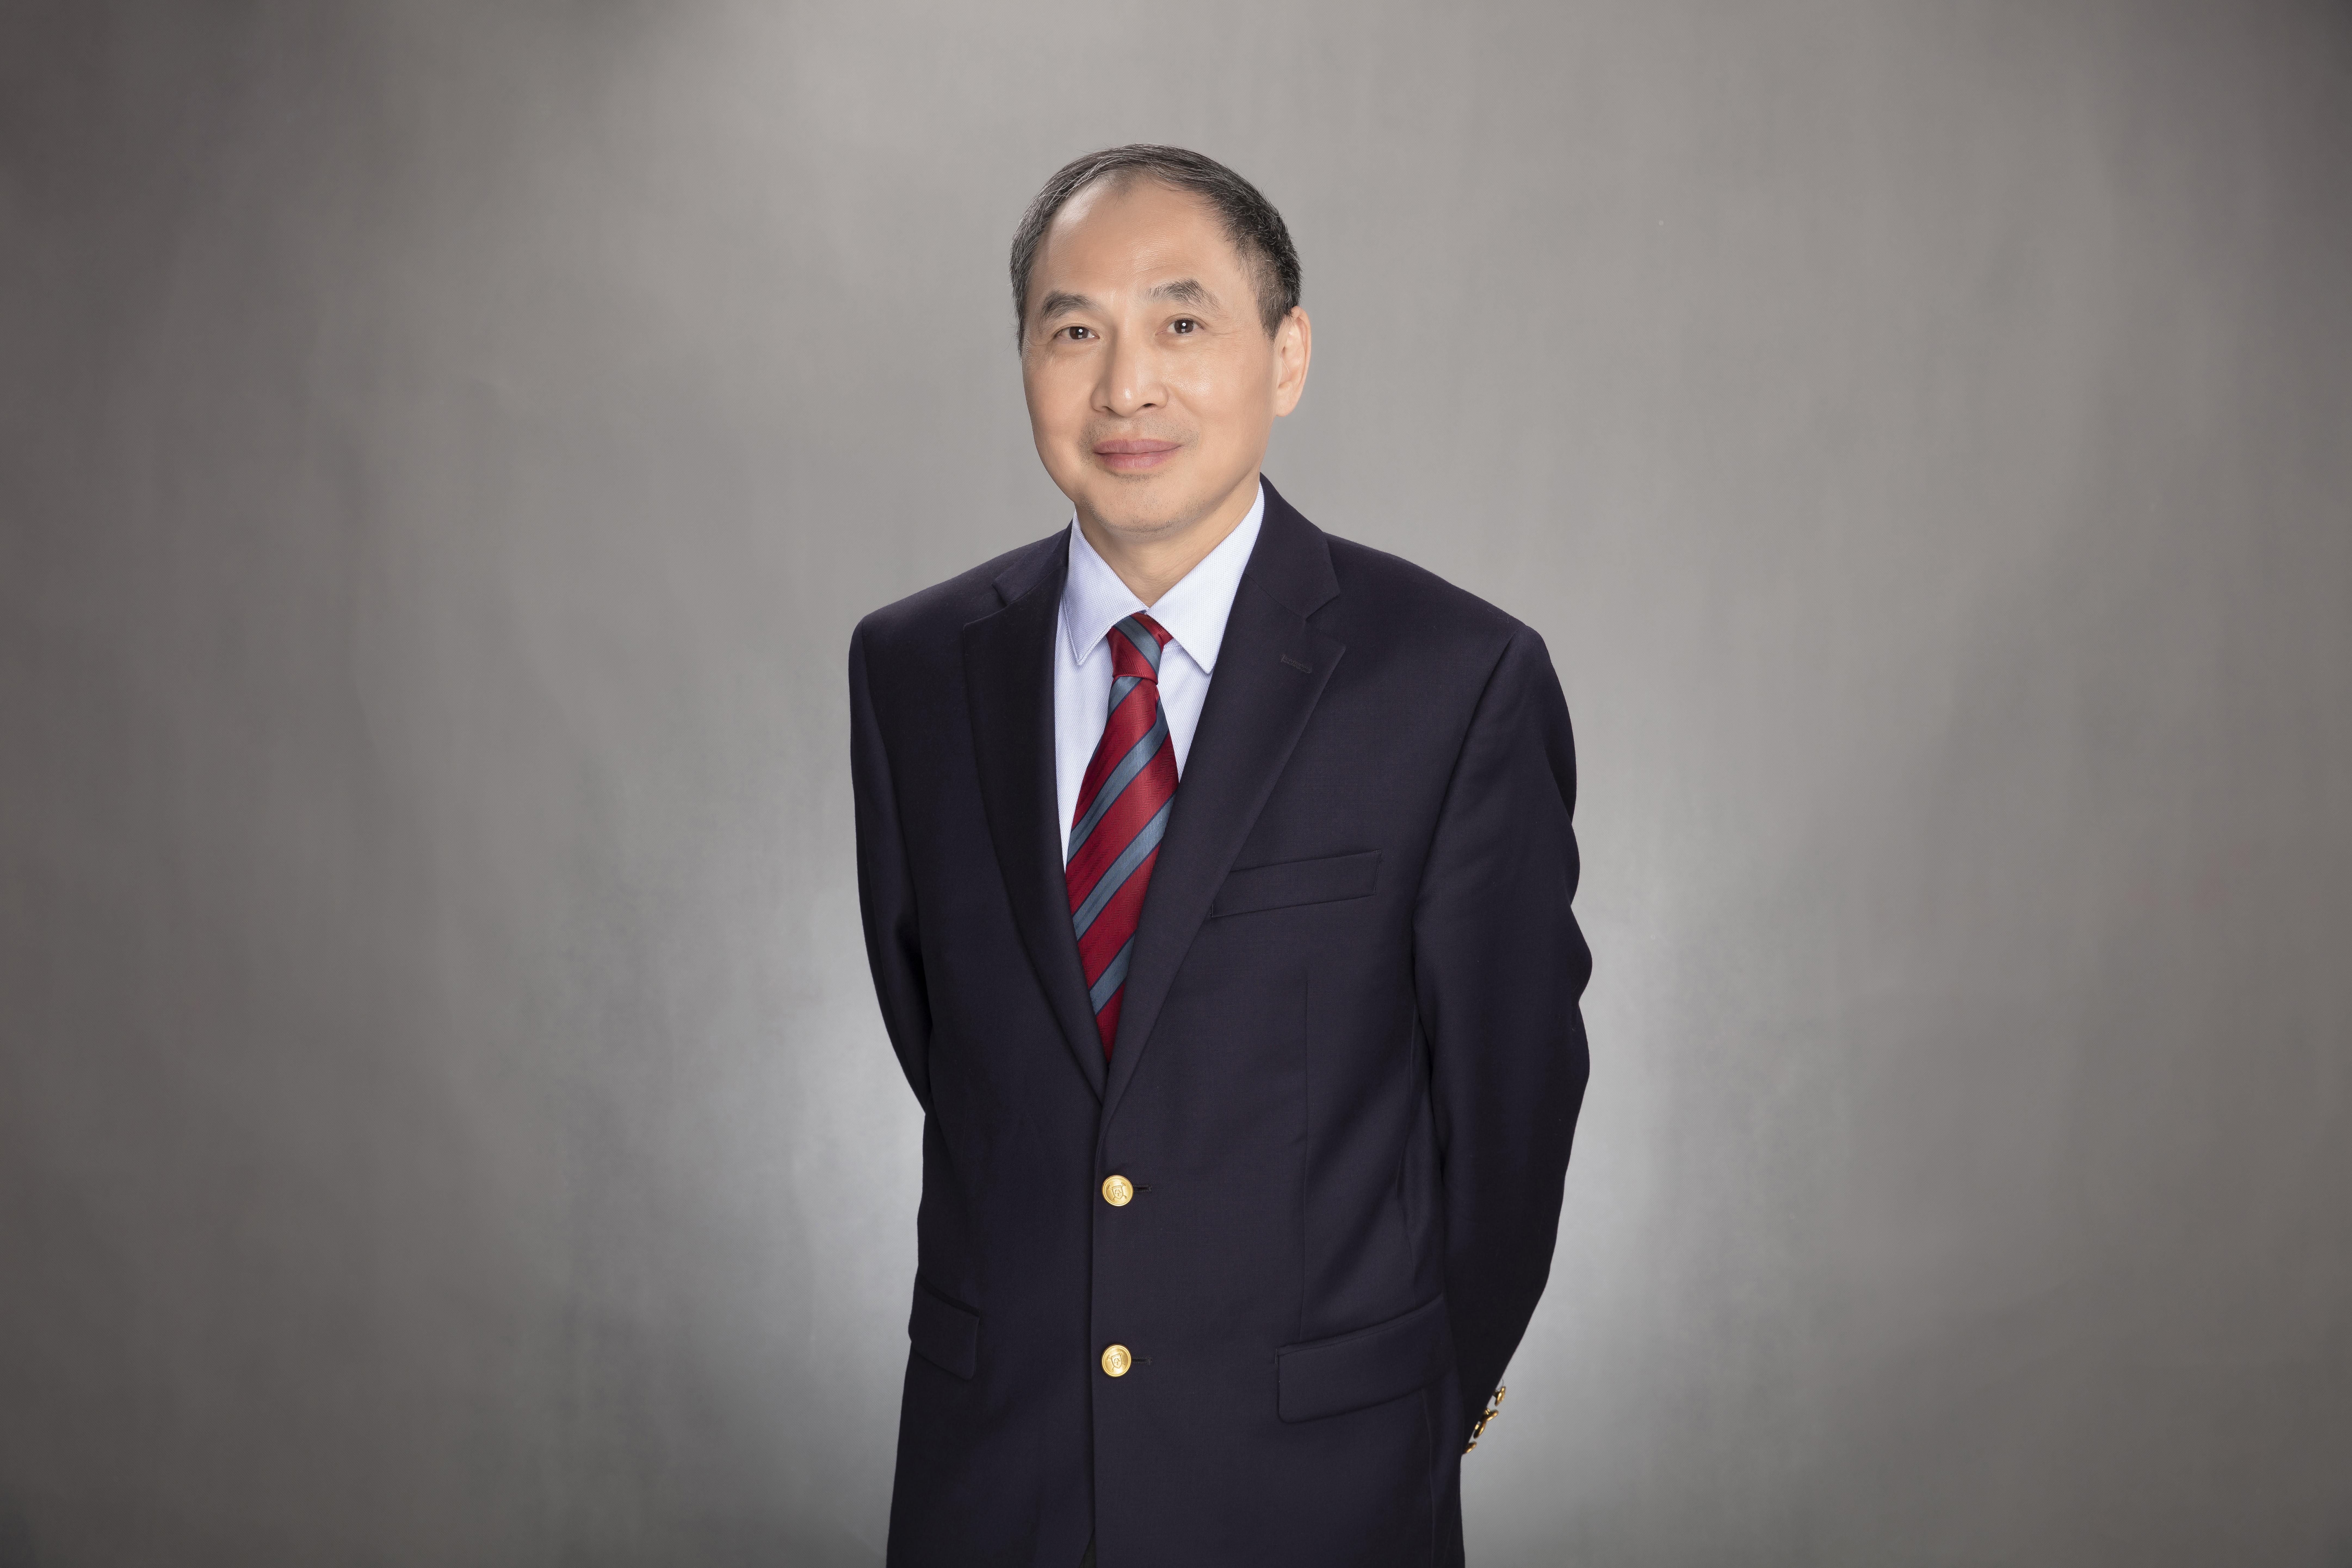 国际知名学者、香港中文大学(深圳)人文社科学院代行院长、全球与当代中国高等研究院院长郑永年